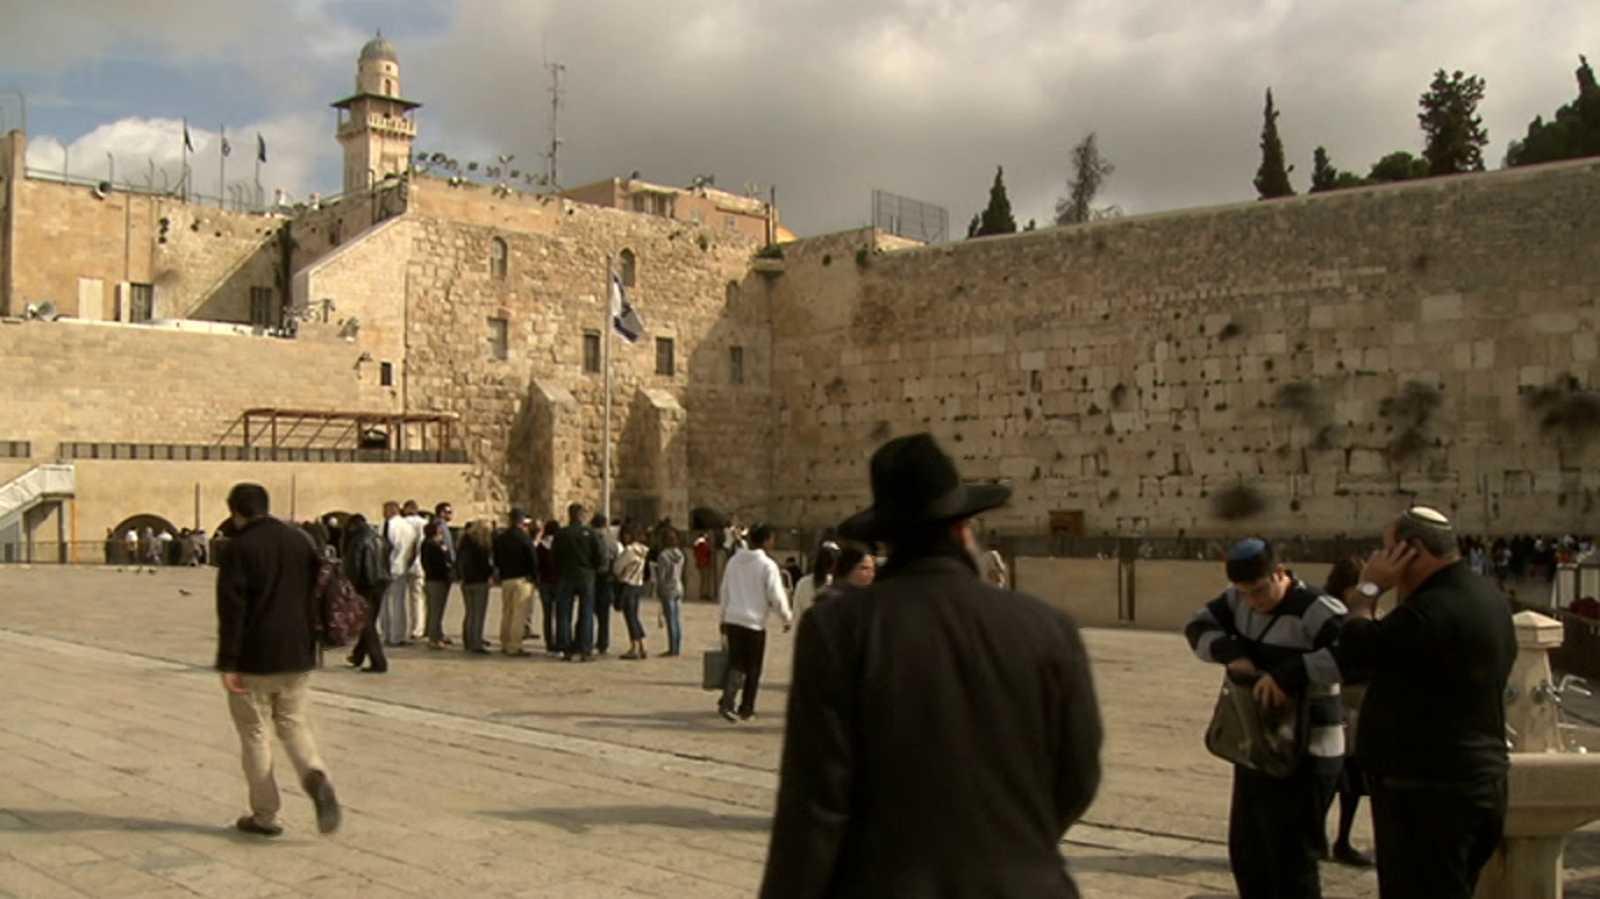 Shalom - Aprender a perdonar  - ver ahora